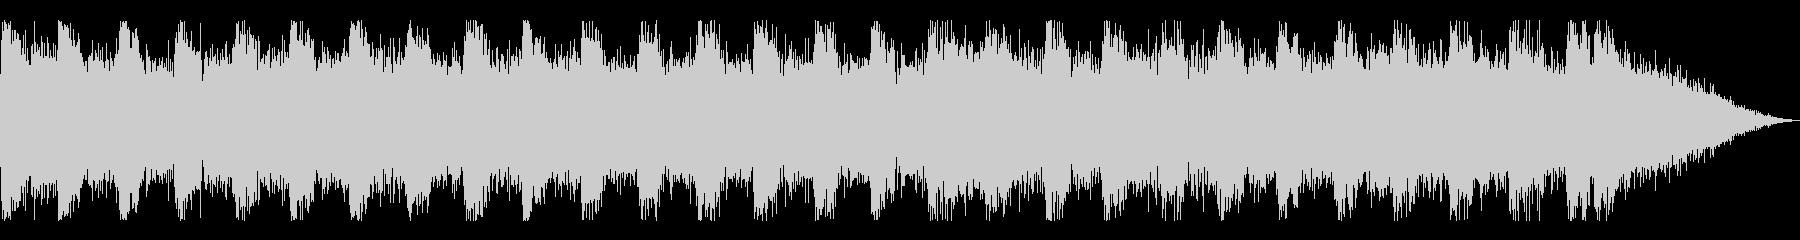 デジタルサウンドが印象なダンスロックの未再生の波形